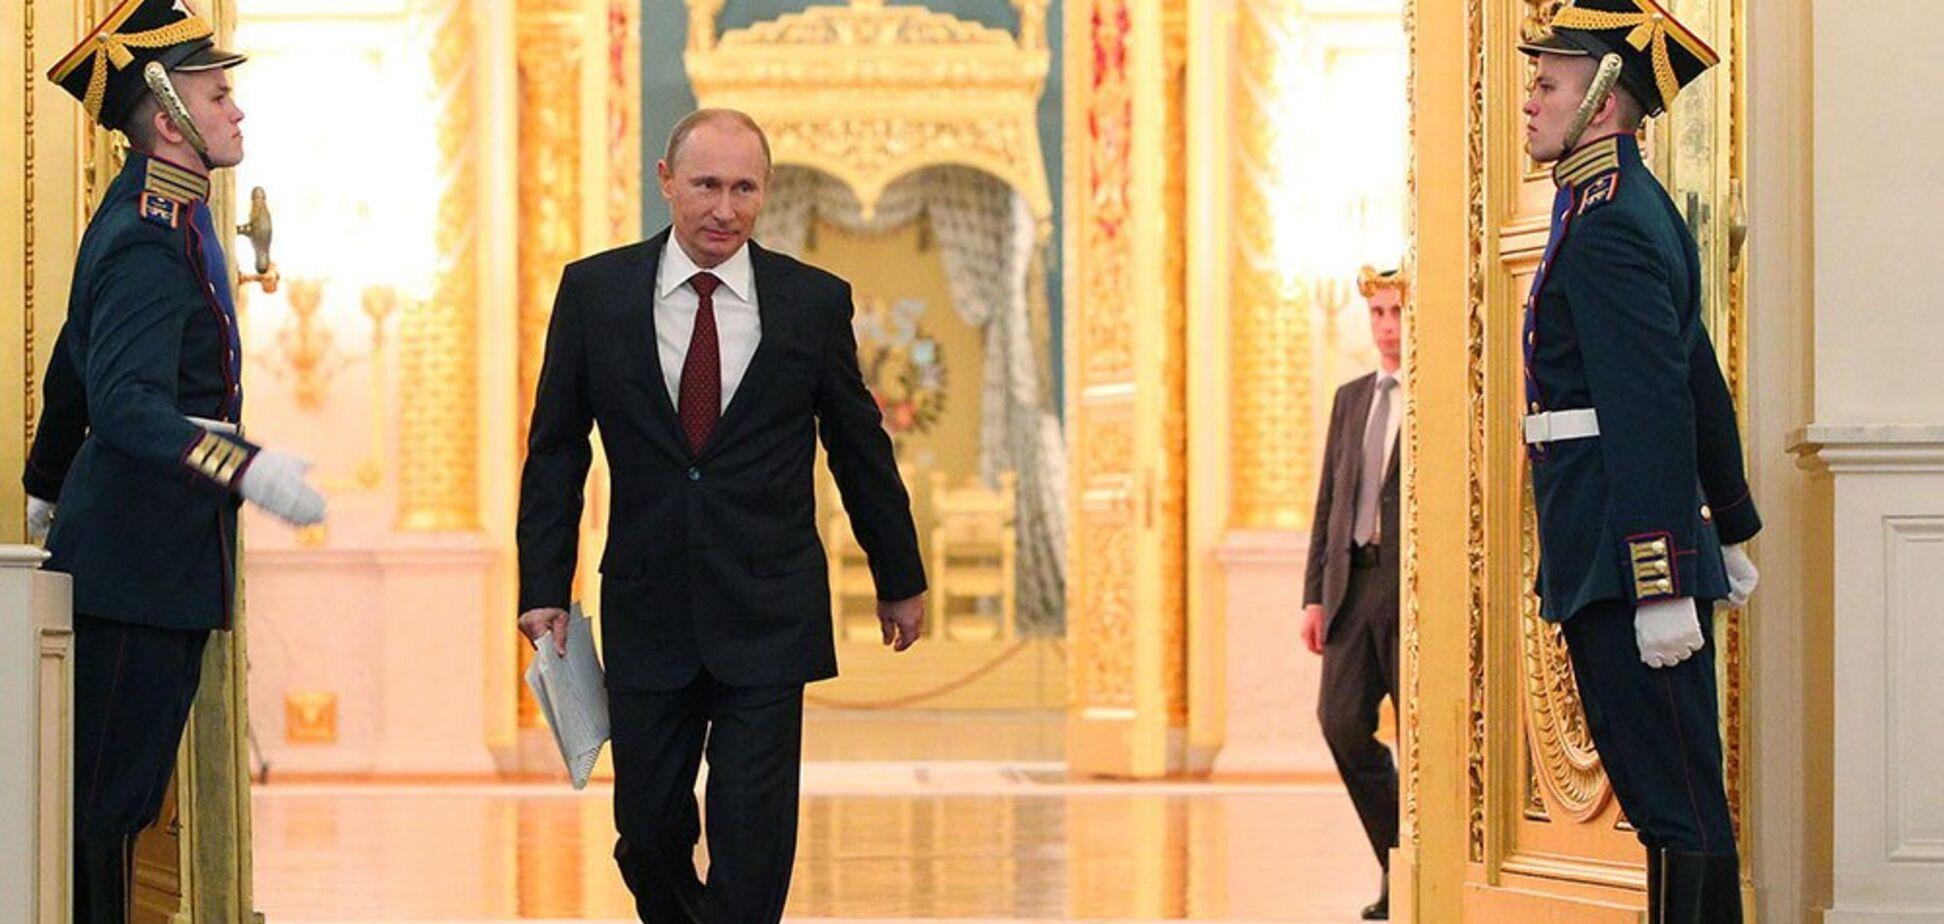 Путин станет соправителем: озвучен прогноз о будущем России